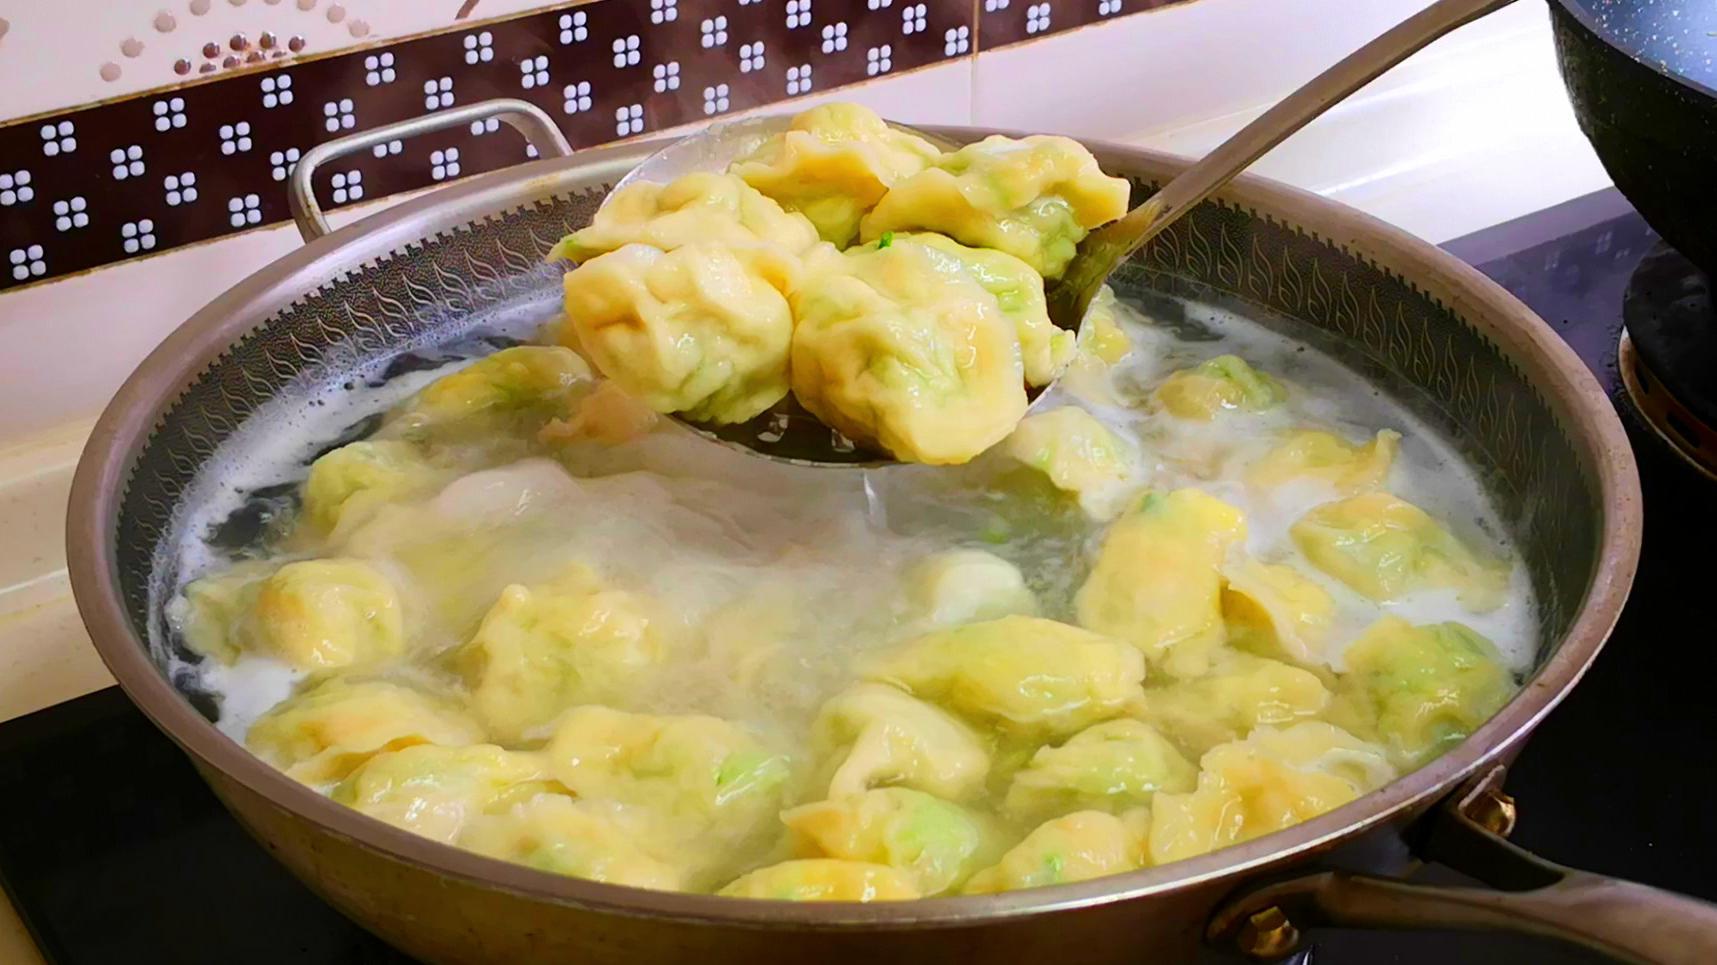 天冷多吃萝卜,教你萝卜馅饺子好吃做法,上桌3碗不够吃,太香了